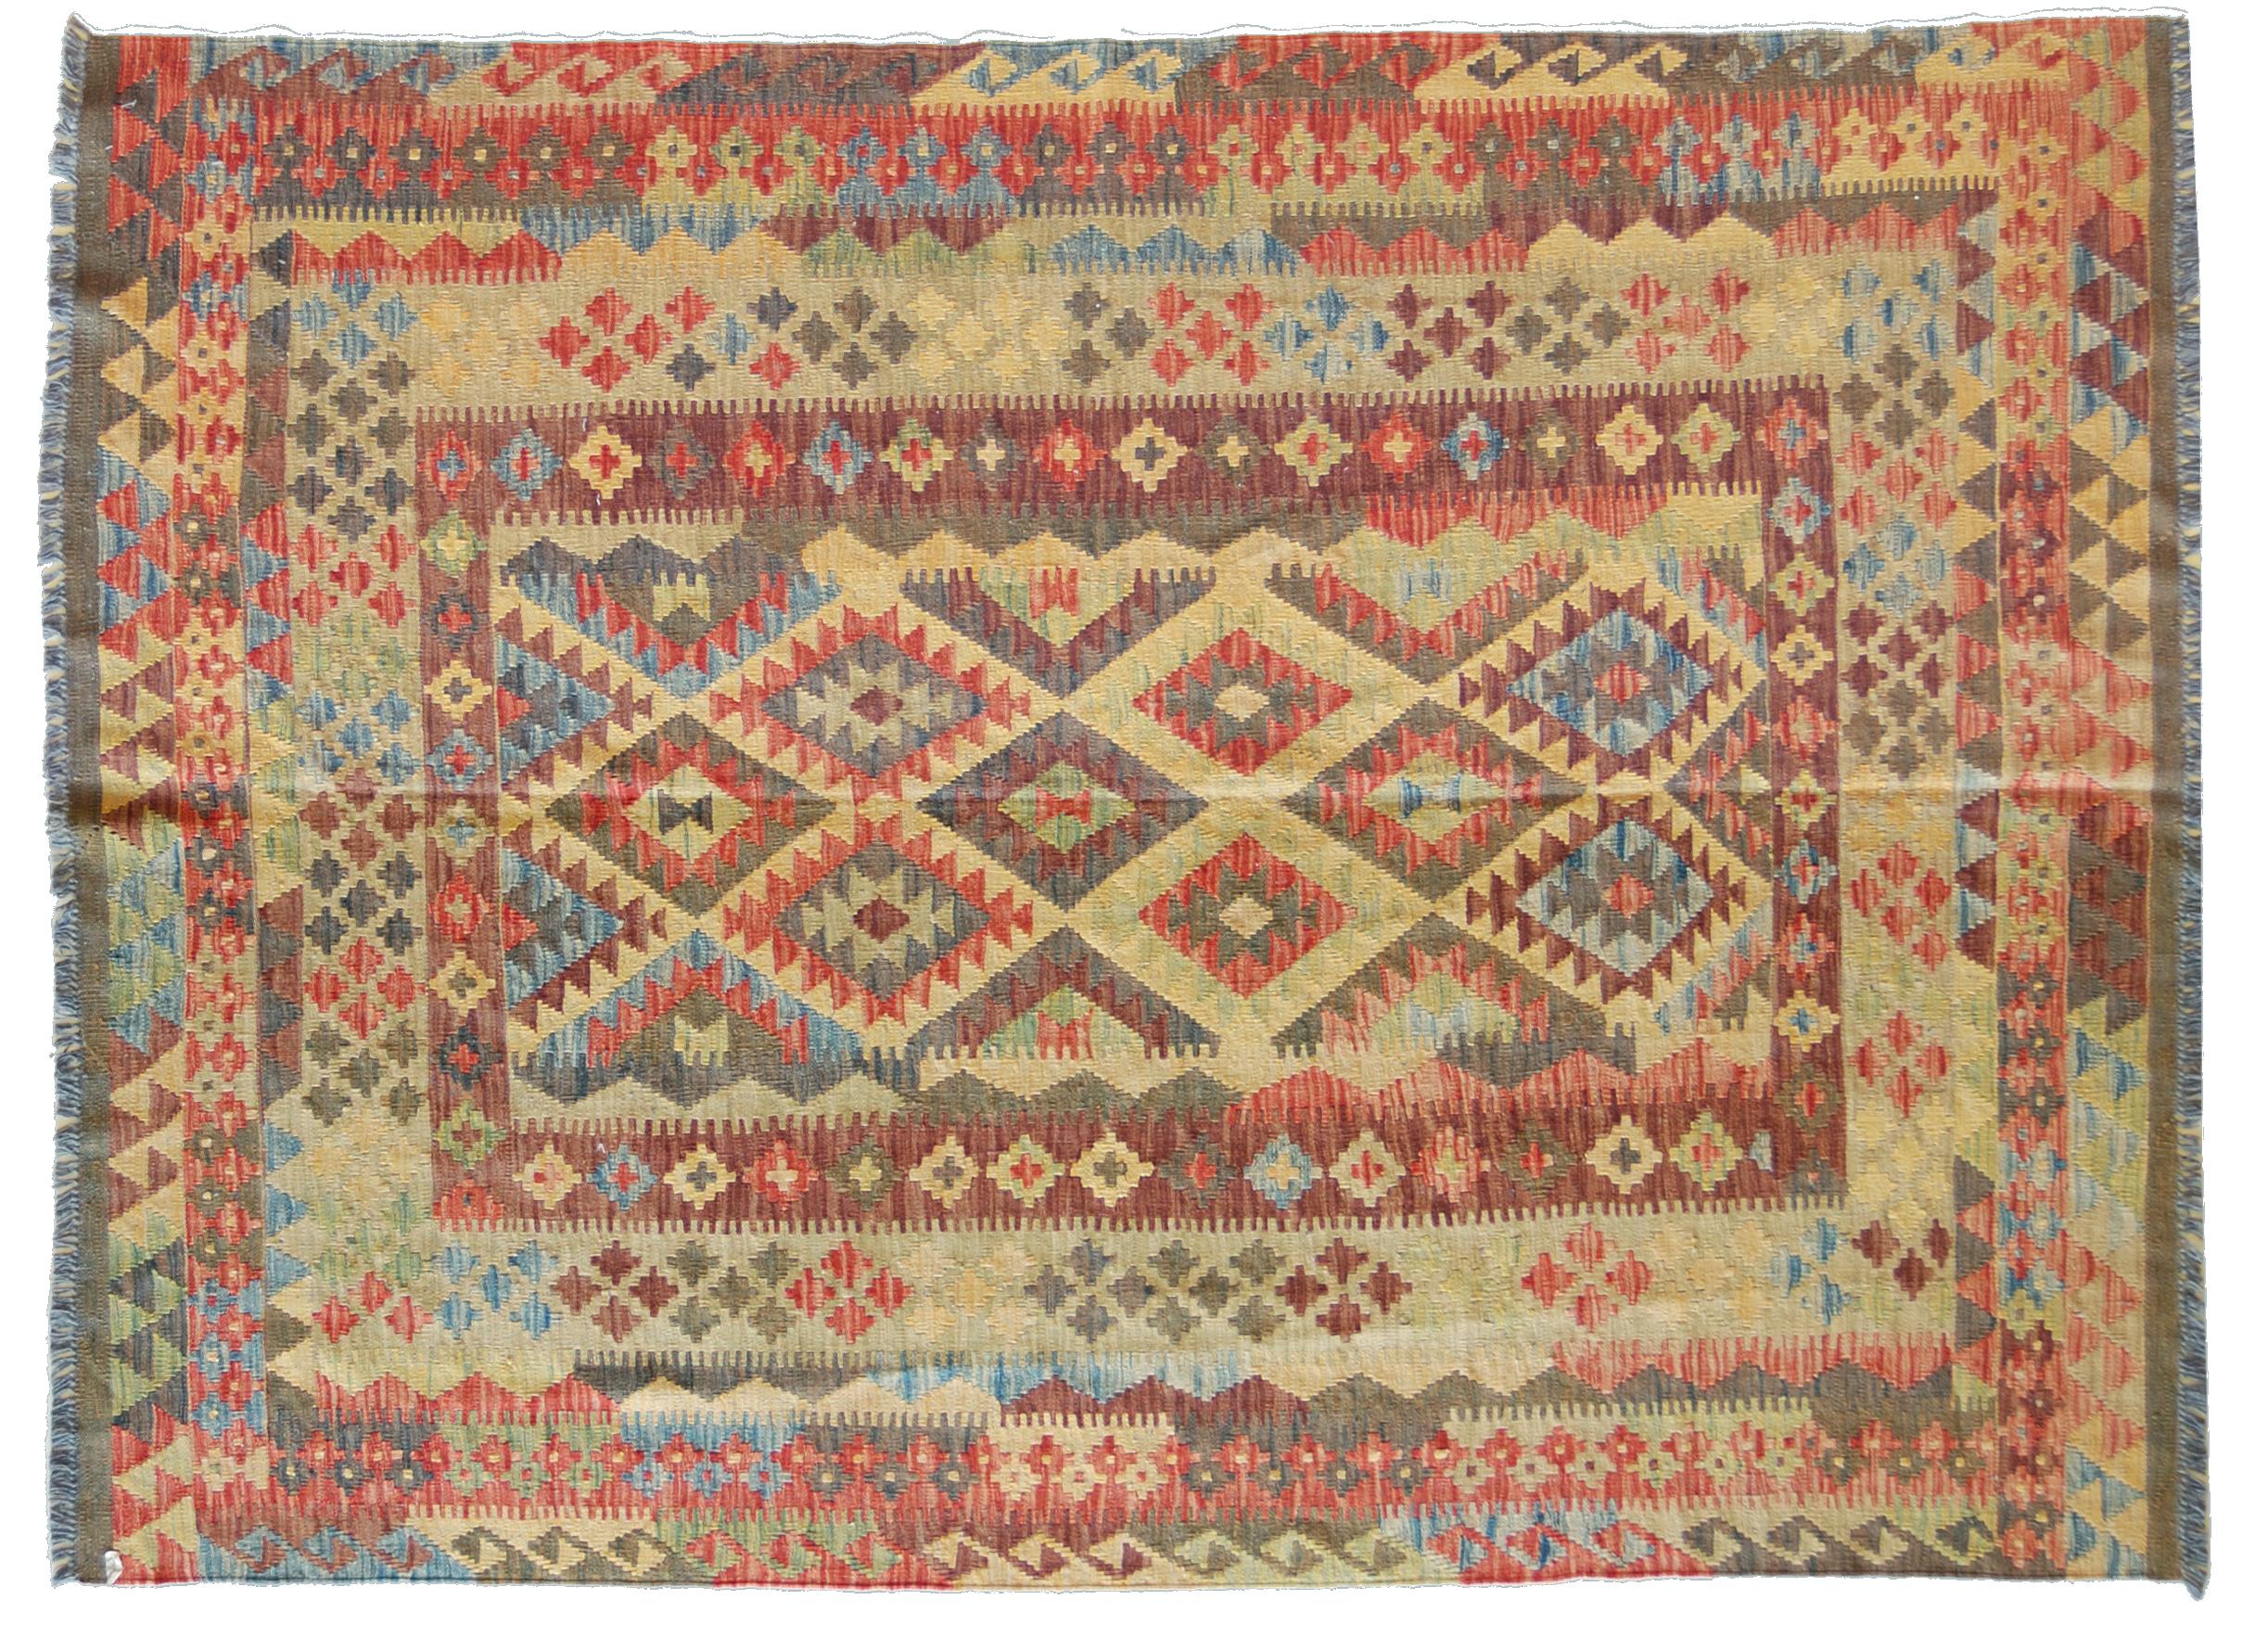 Tappeti Kilim Afgani : Kilim afgano nuovo di grande dimensione quasi quadrata morandi tappeti